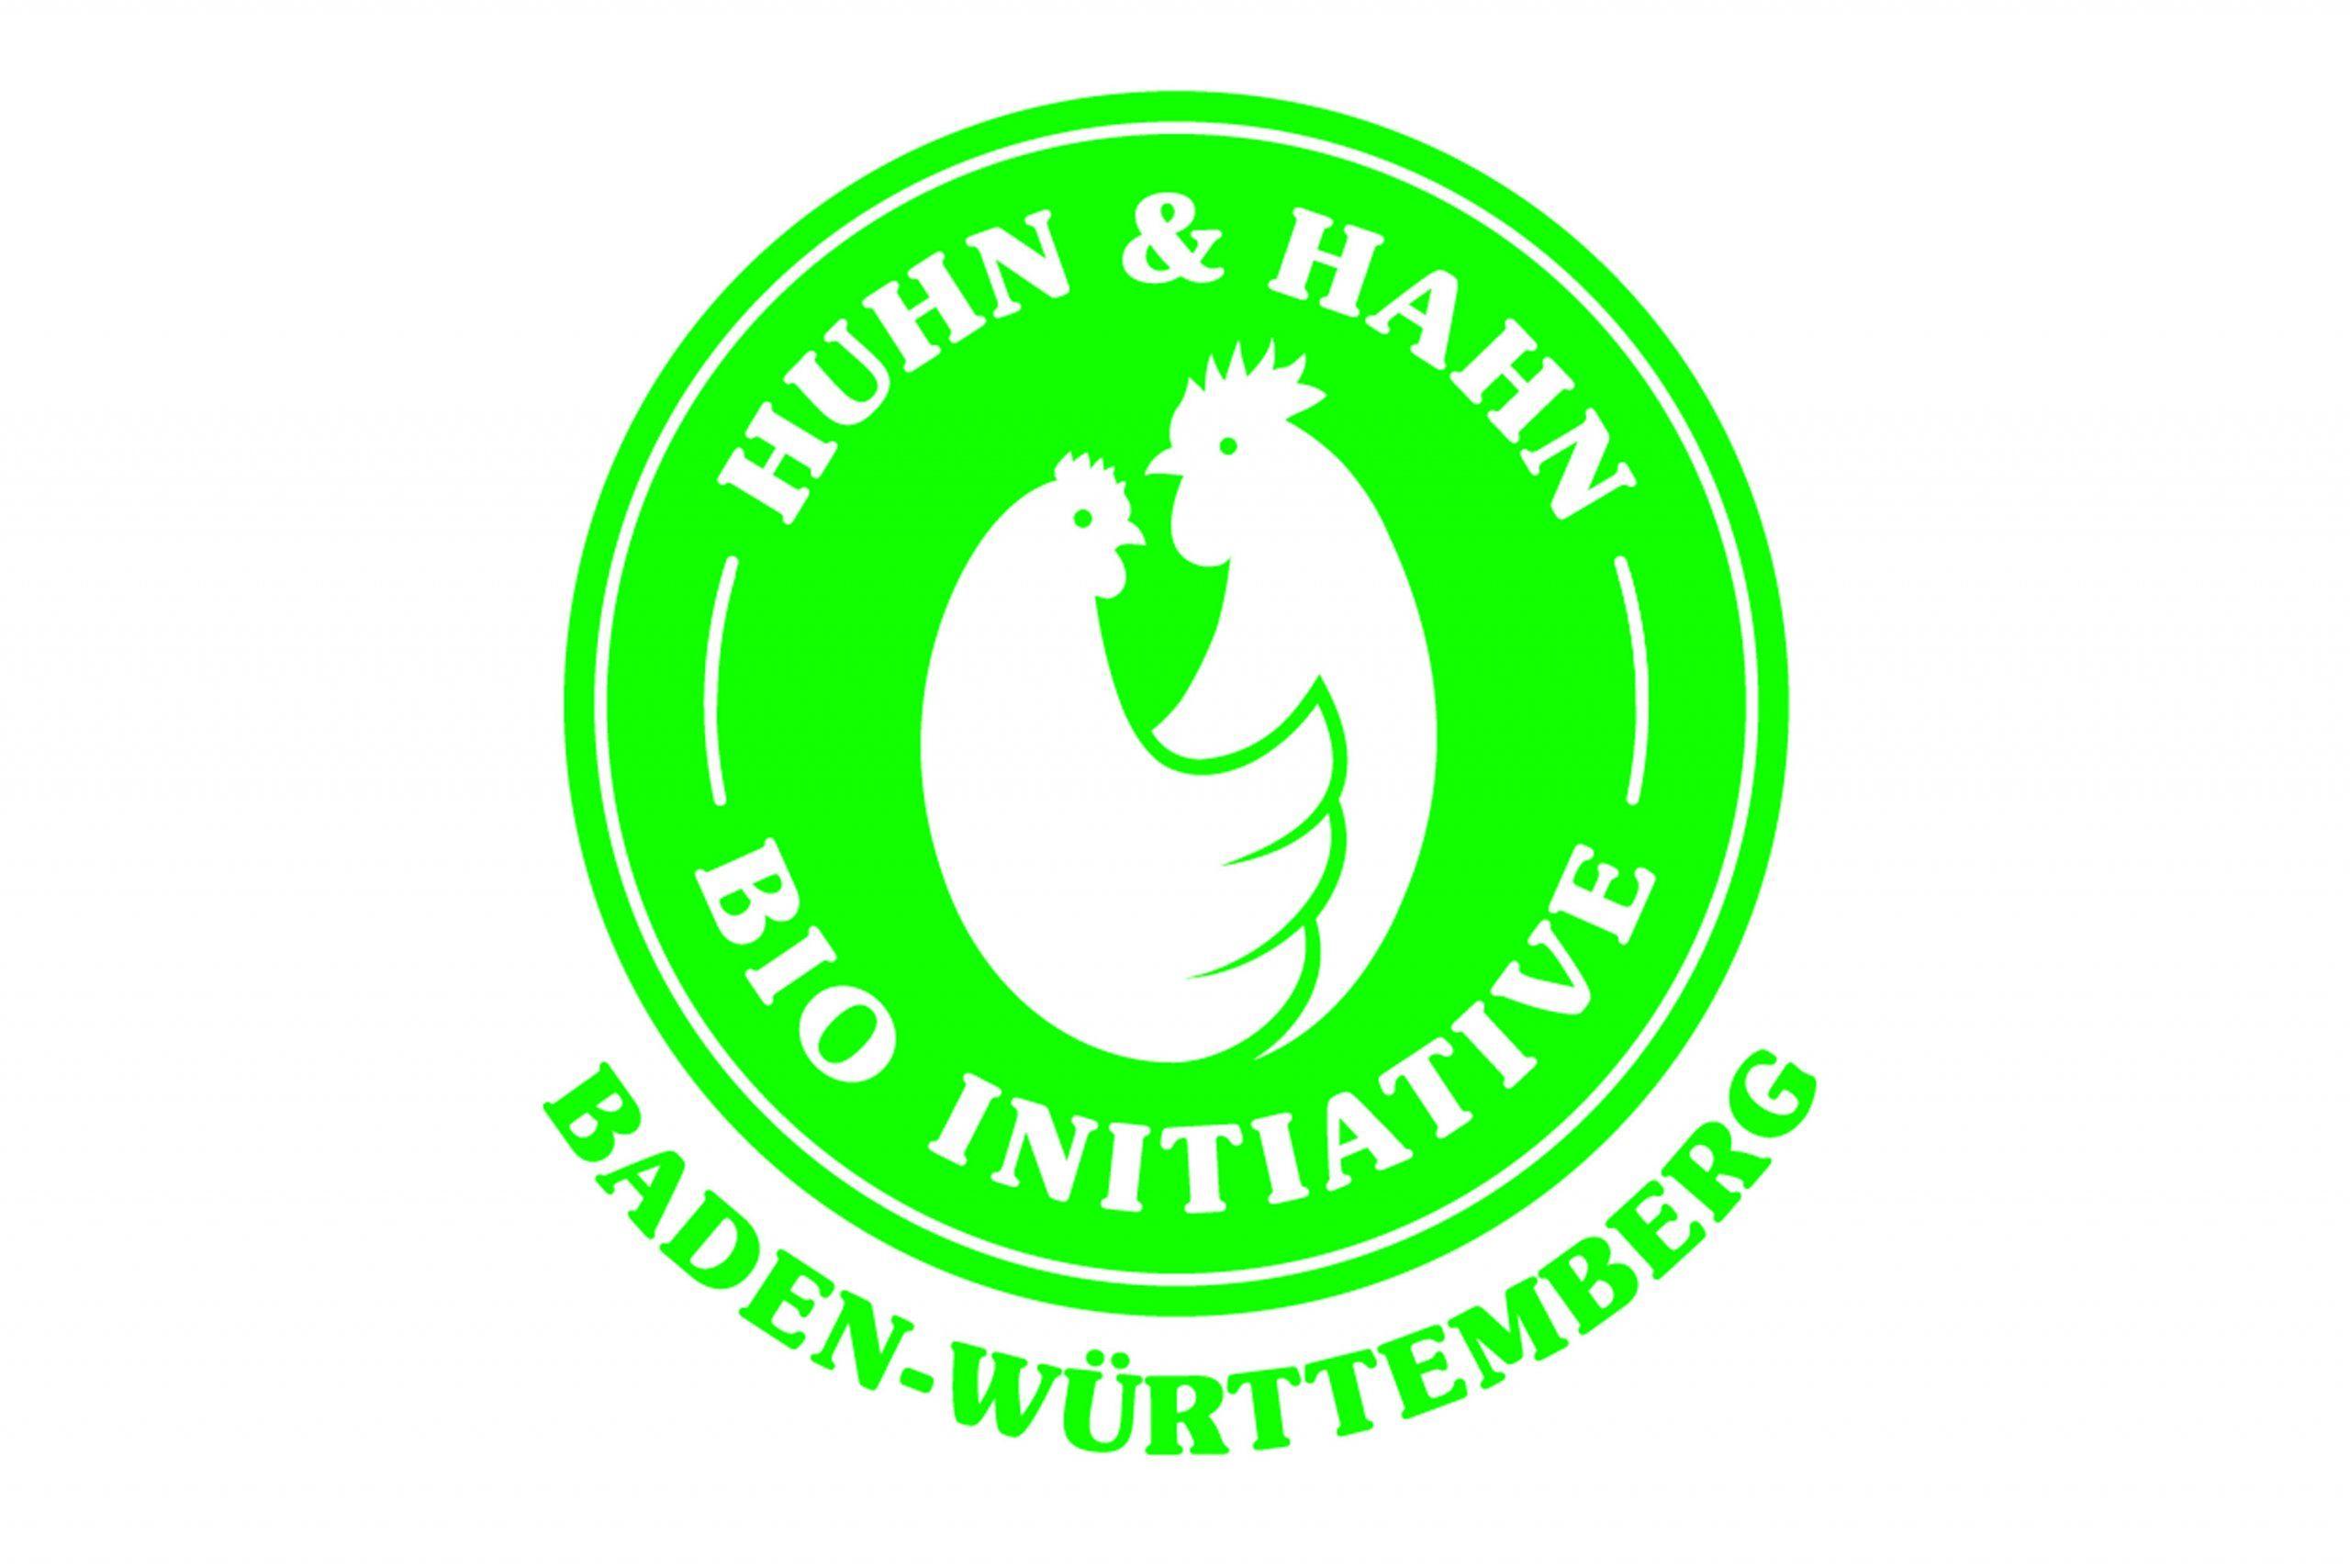 Zapf Hof Huhn und Hahn Initiative unterstützt von feinjemacht